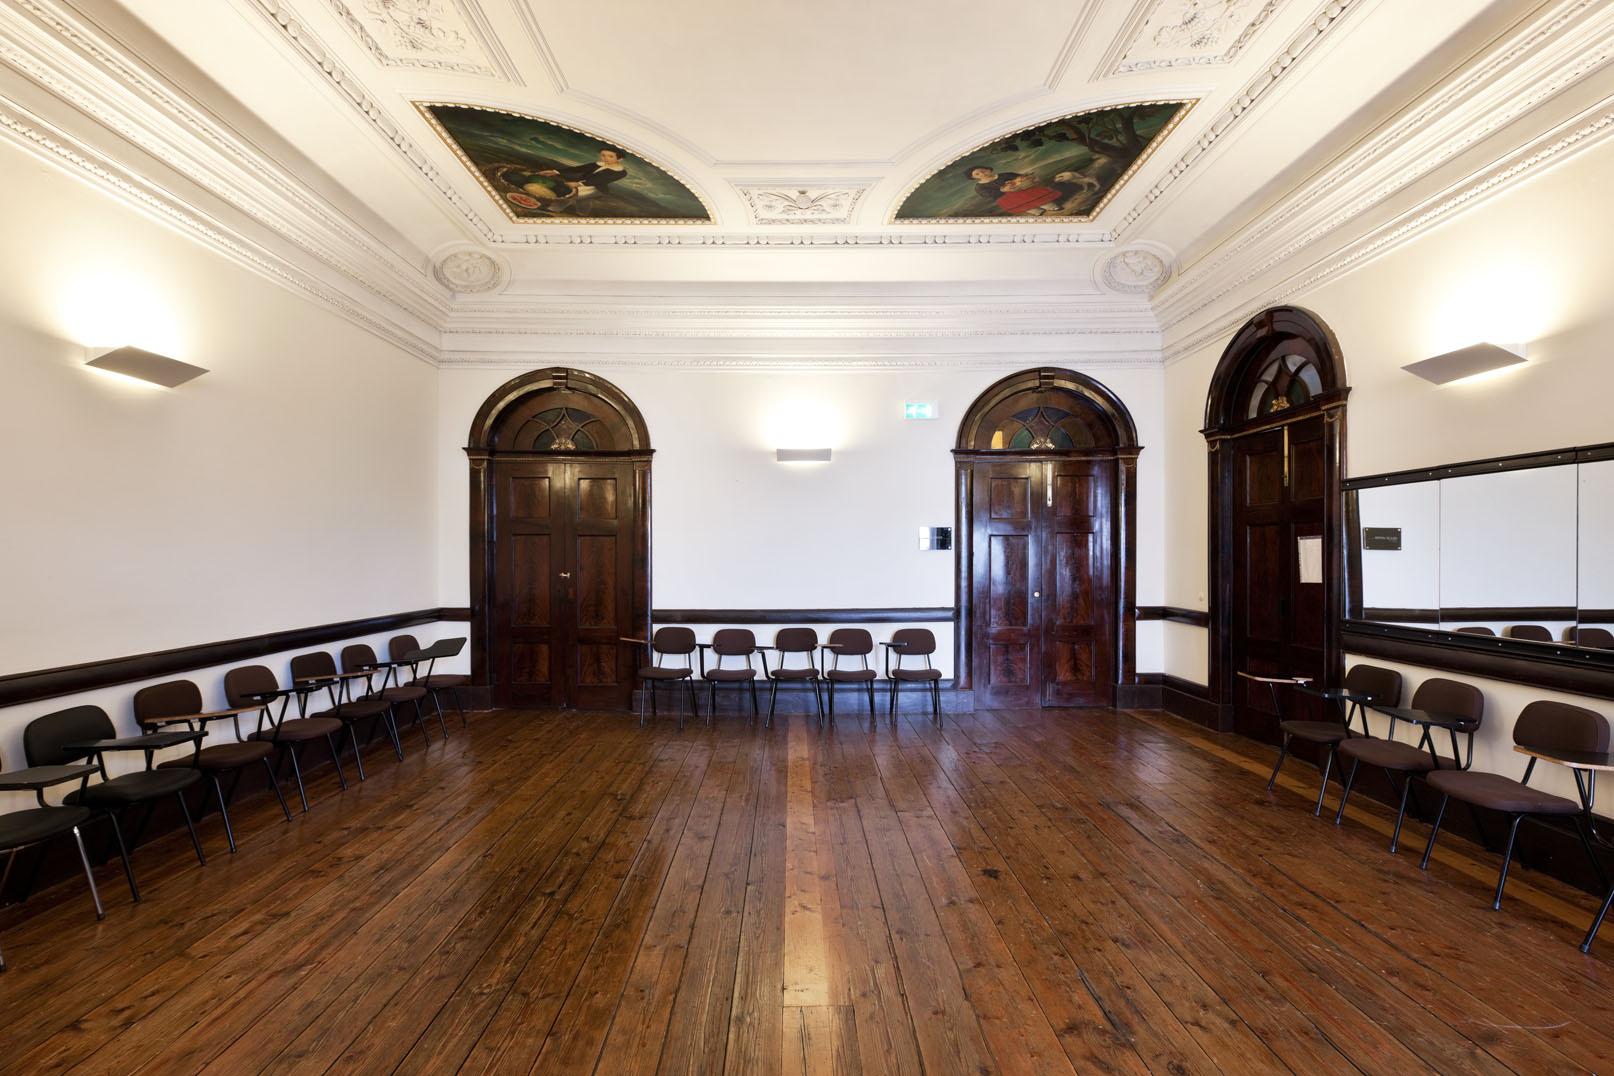 Galeria teatro do bolh o for Sala de estar palacio